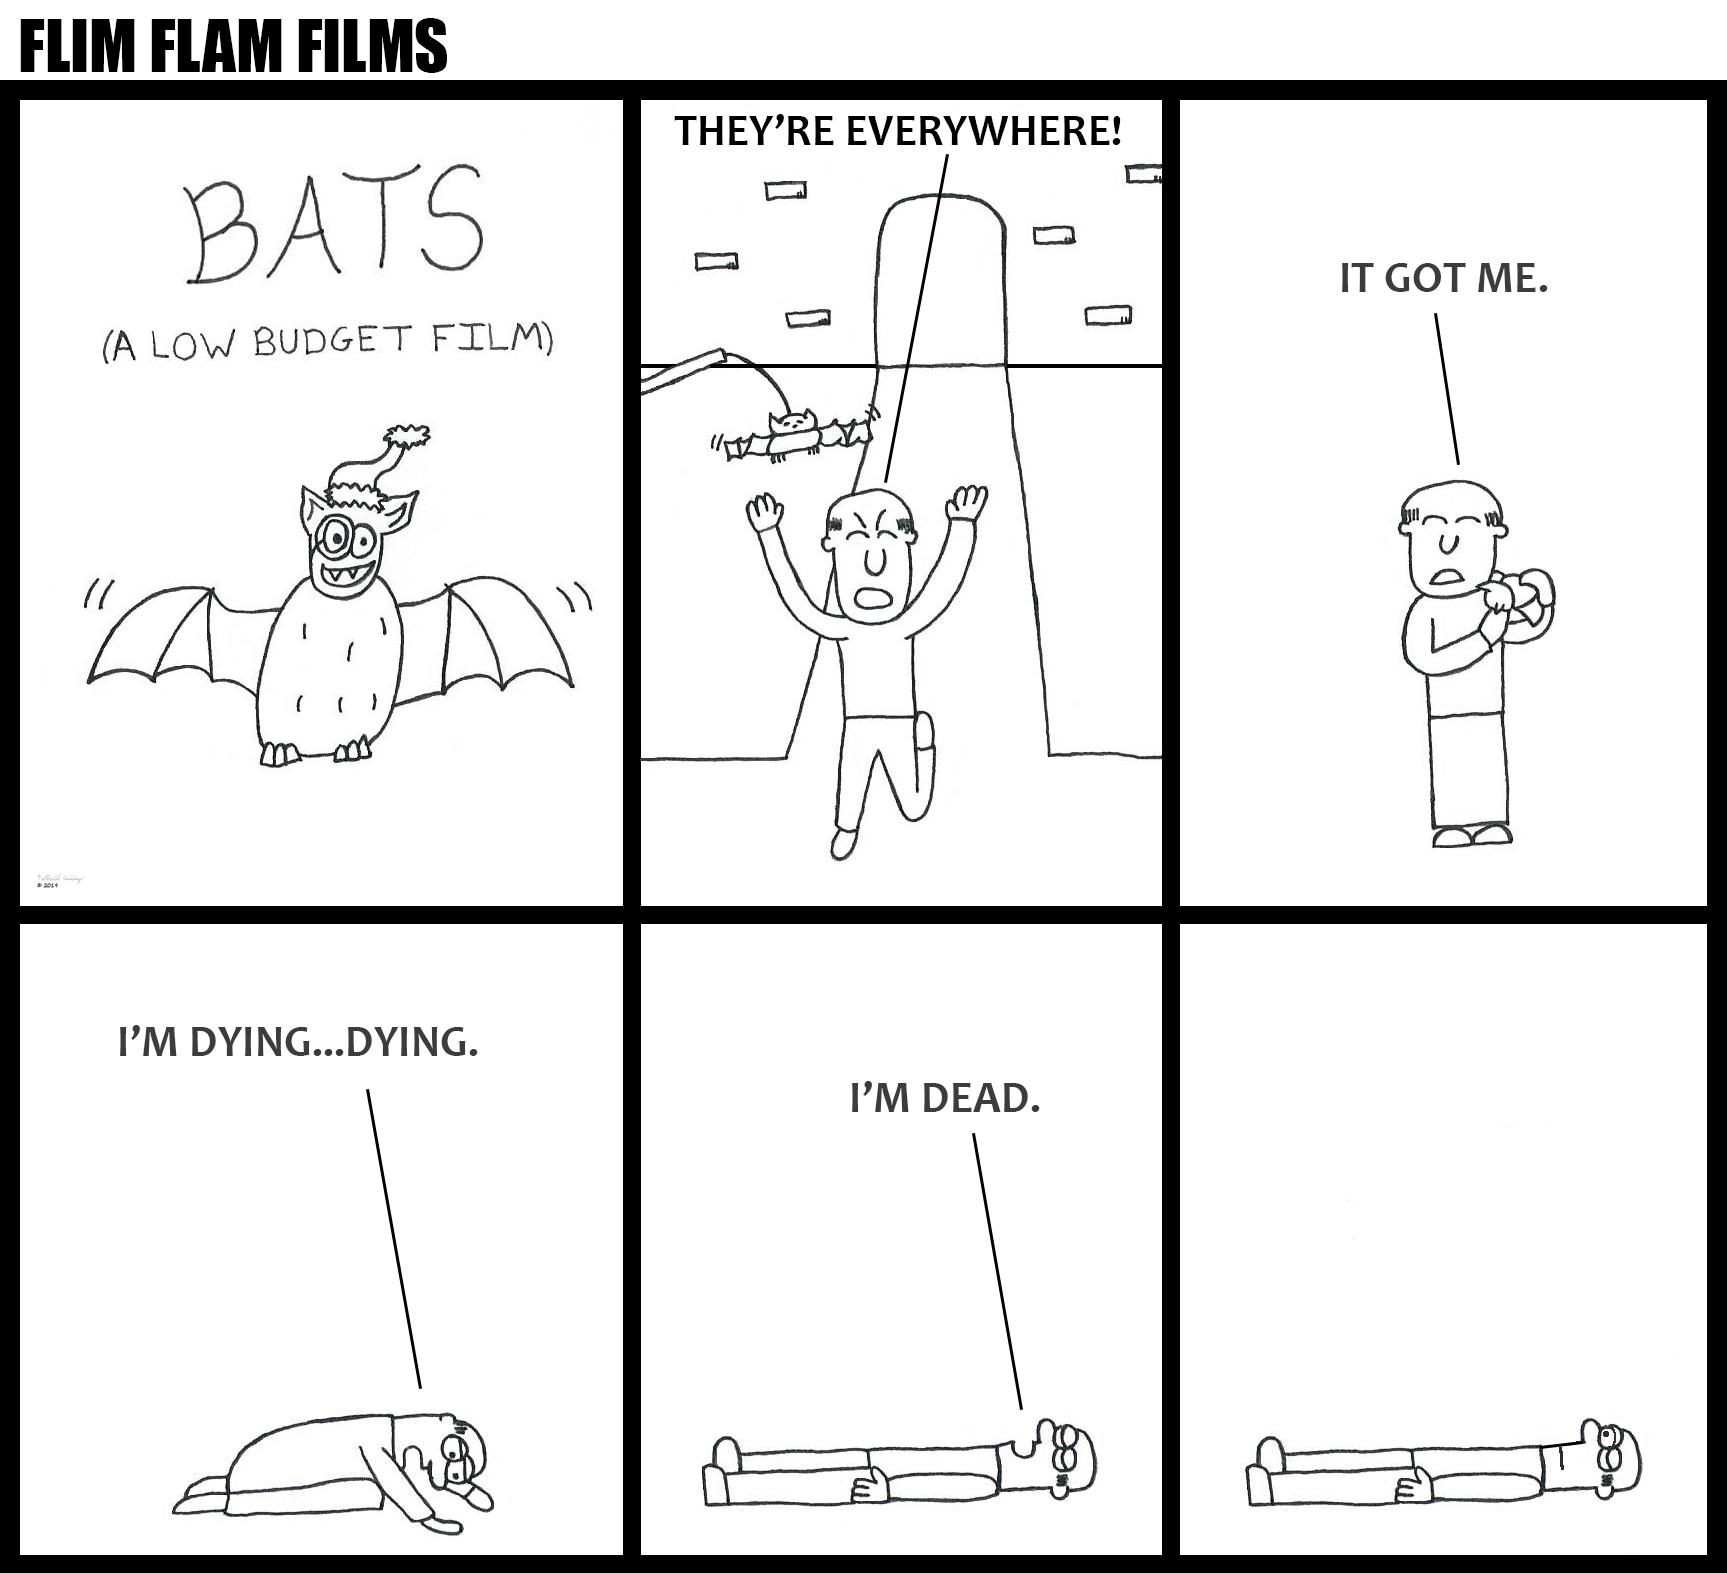 Flim Flam Films - Bats